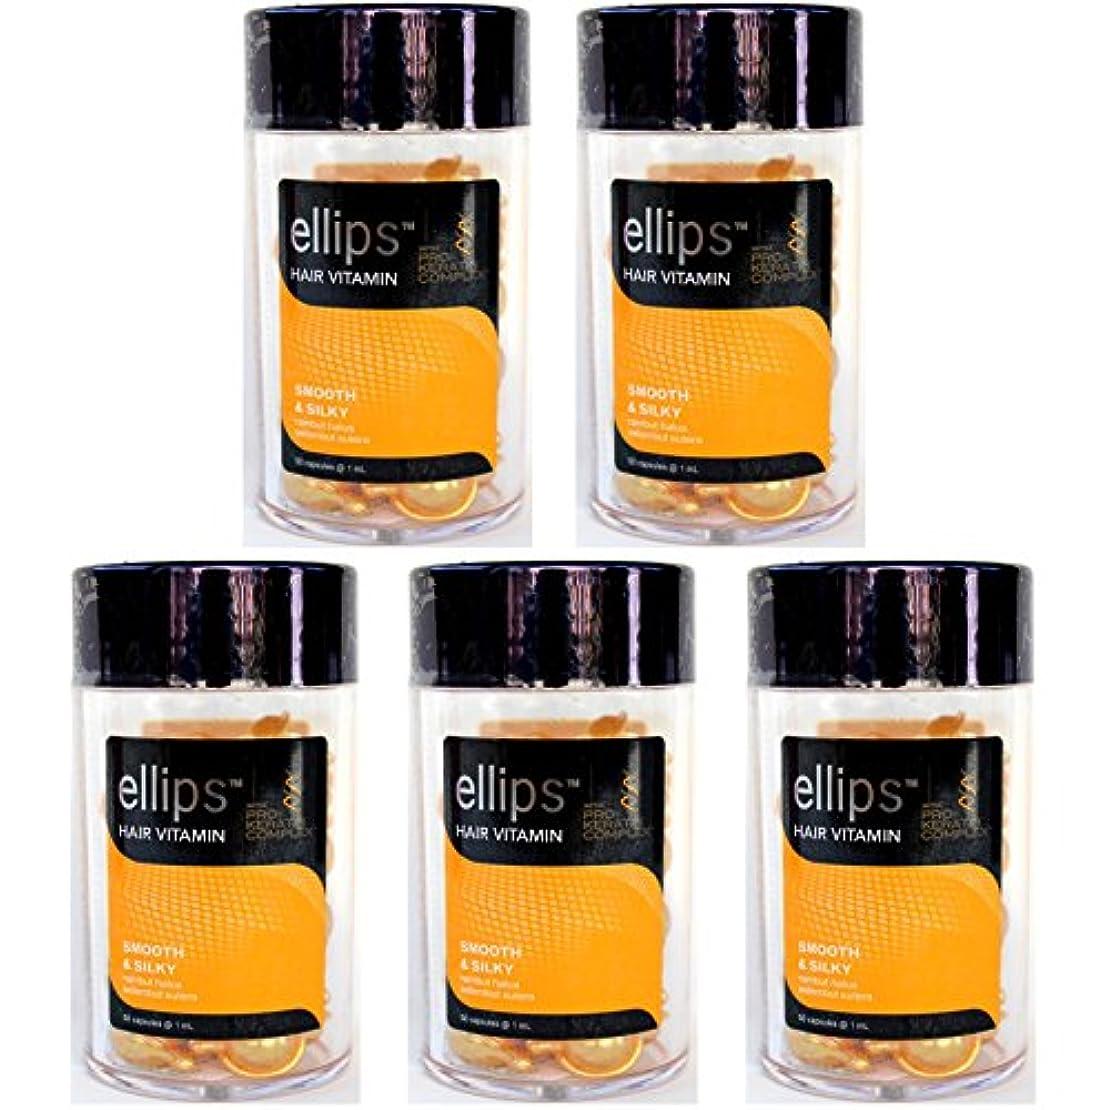 後世エントリクリックellips エリプス Hair Vitamin ヘア ビタミン Pro-Keratin Complex プロケラチン配合 SMOOTH & SILKY イエロー ボトル(50粒入) × 5本 セット [並行輸入品][海外直送品]